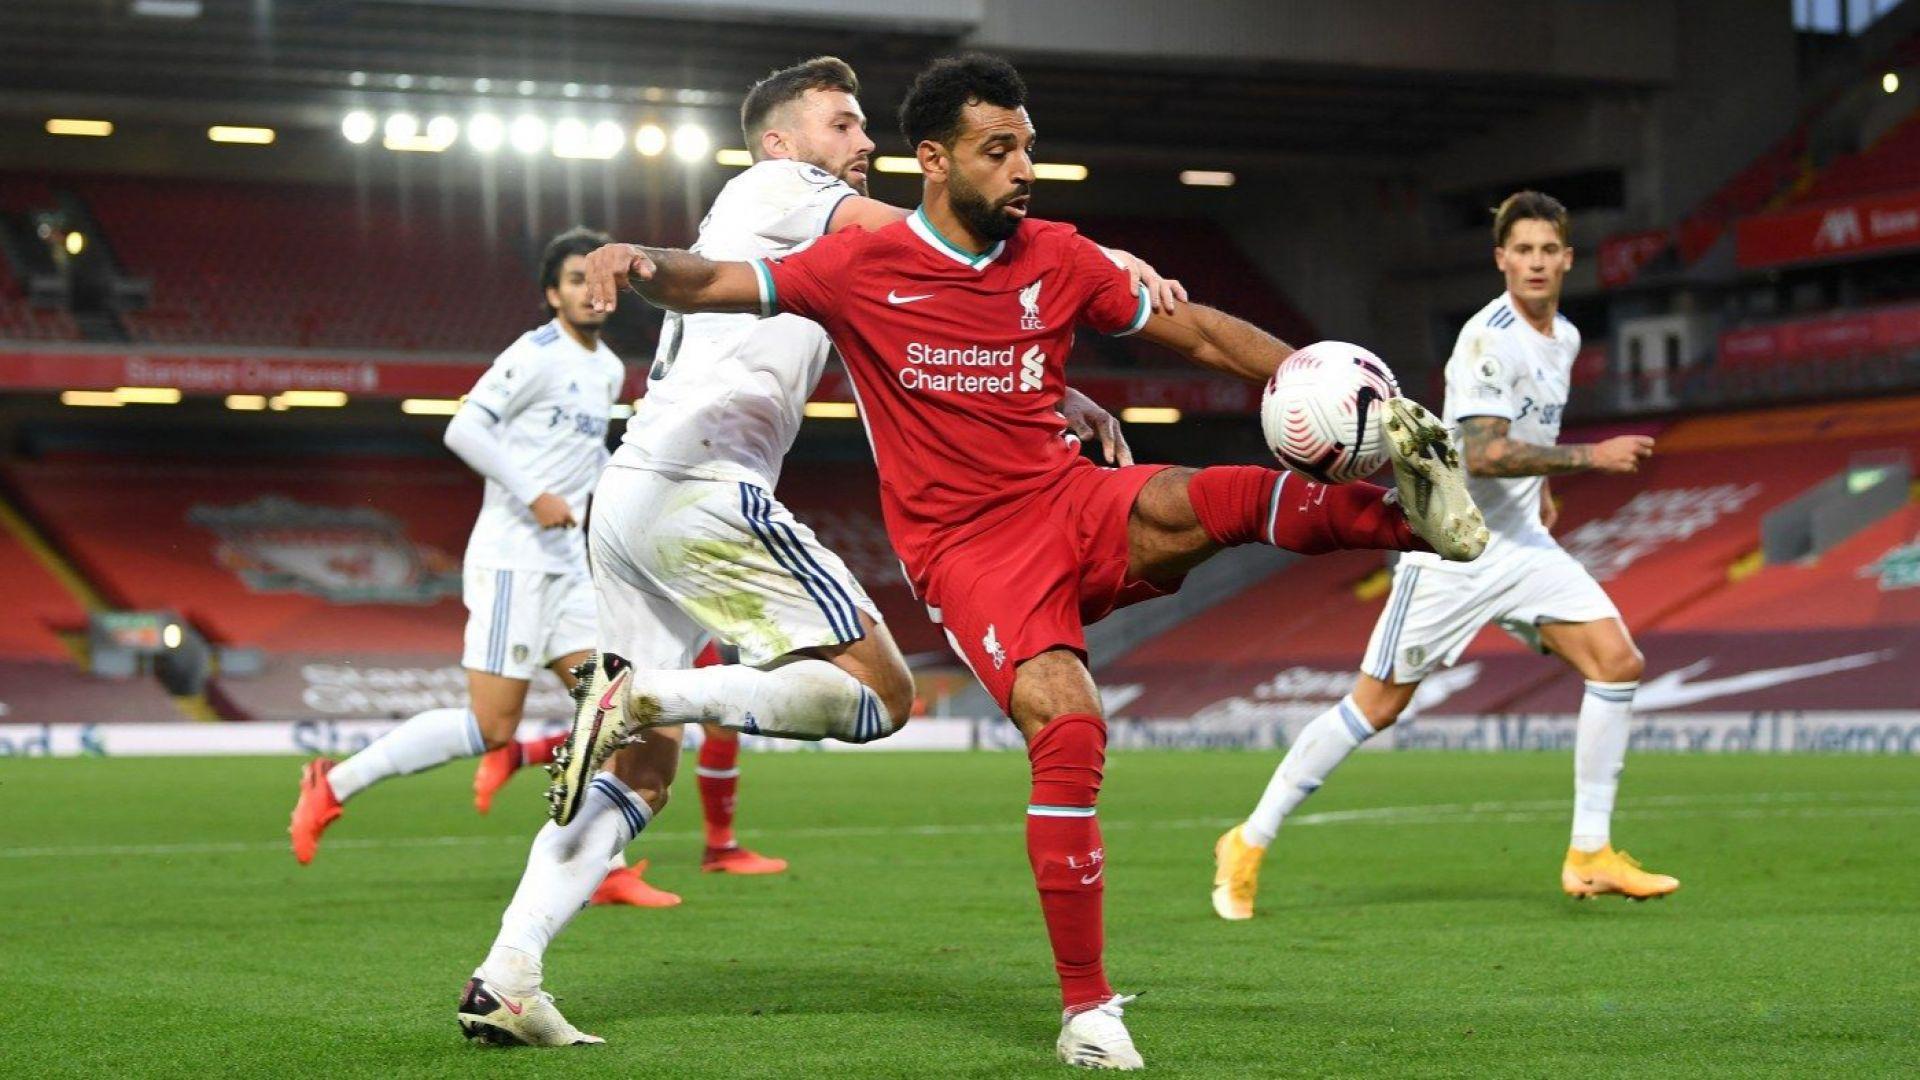 """Лудост на """"Анфийлд"""": Ливърпул пречупи Лийдс в седемголов спектакъл"""